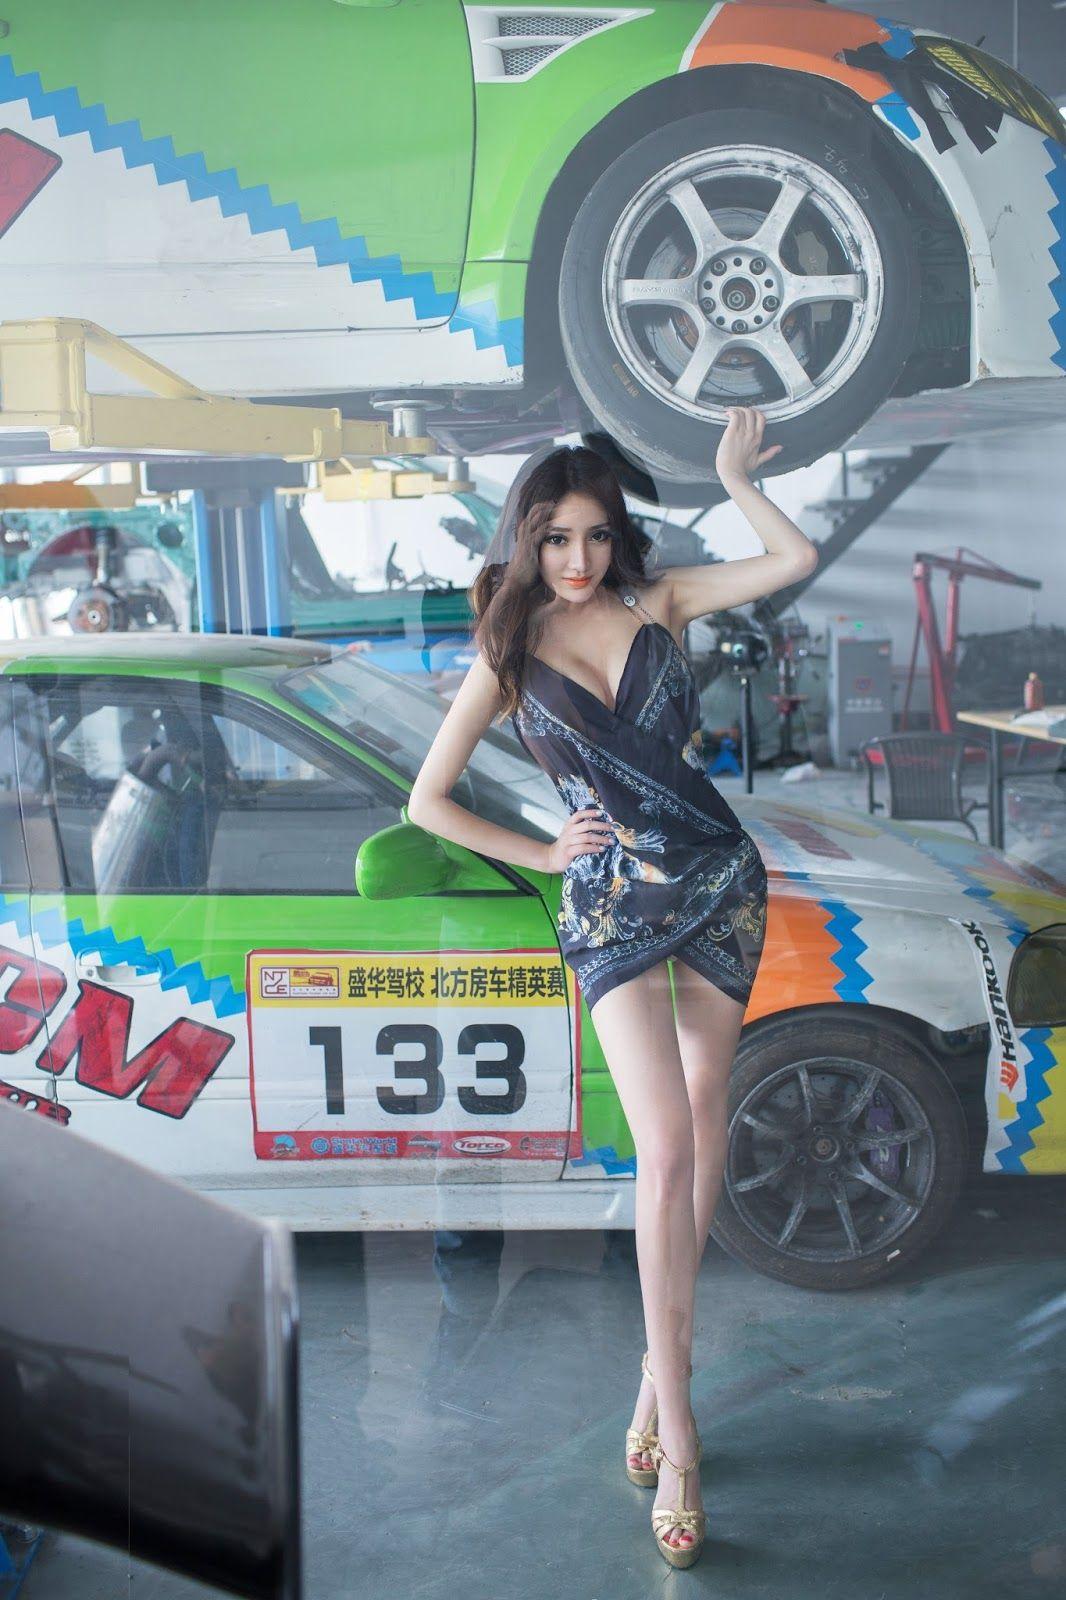 ICloud Mai Ping Guo